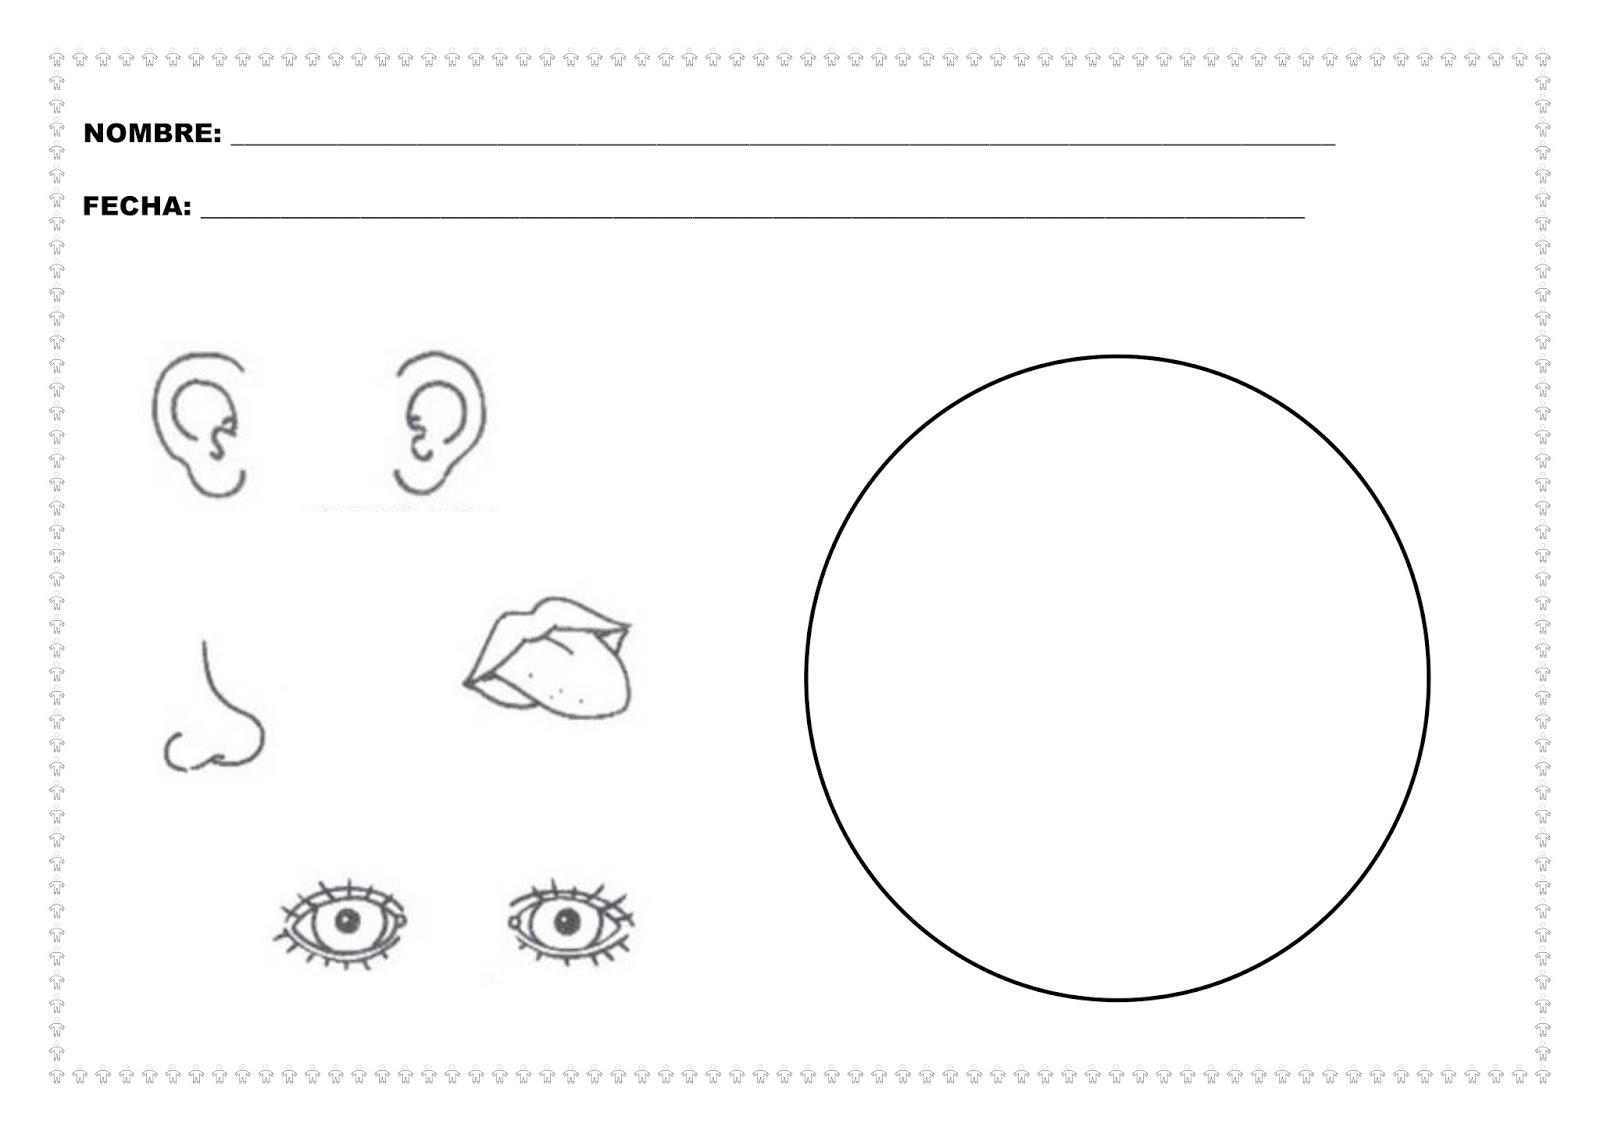 Dibujos De Aplicacio De Partes De La Cara: Trabajando Con Personitas: ¿Qué Tenemos En La Cara?